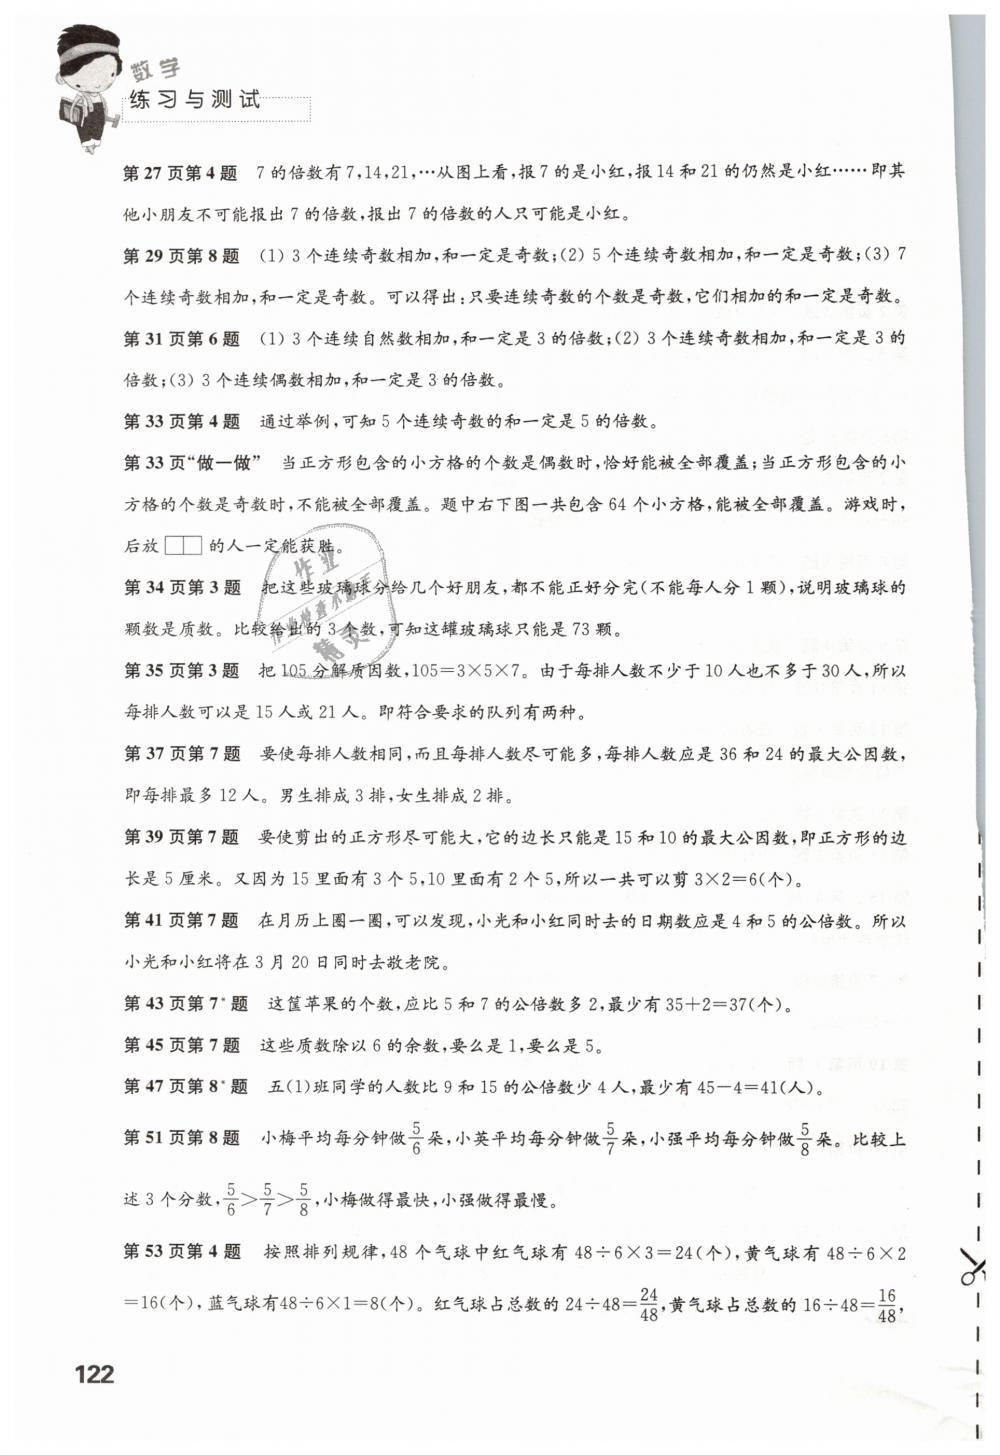 2019年练习与测试小学数学五年级下册苏教版第2页